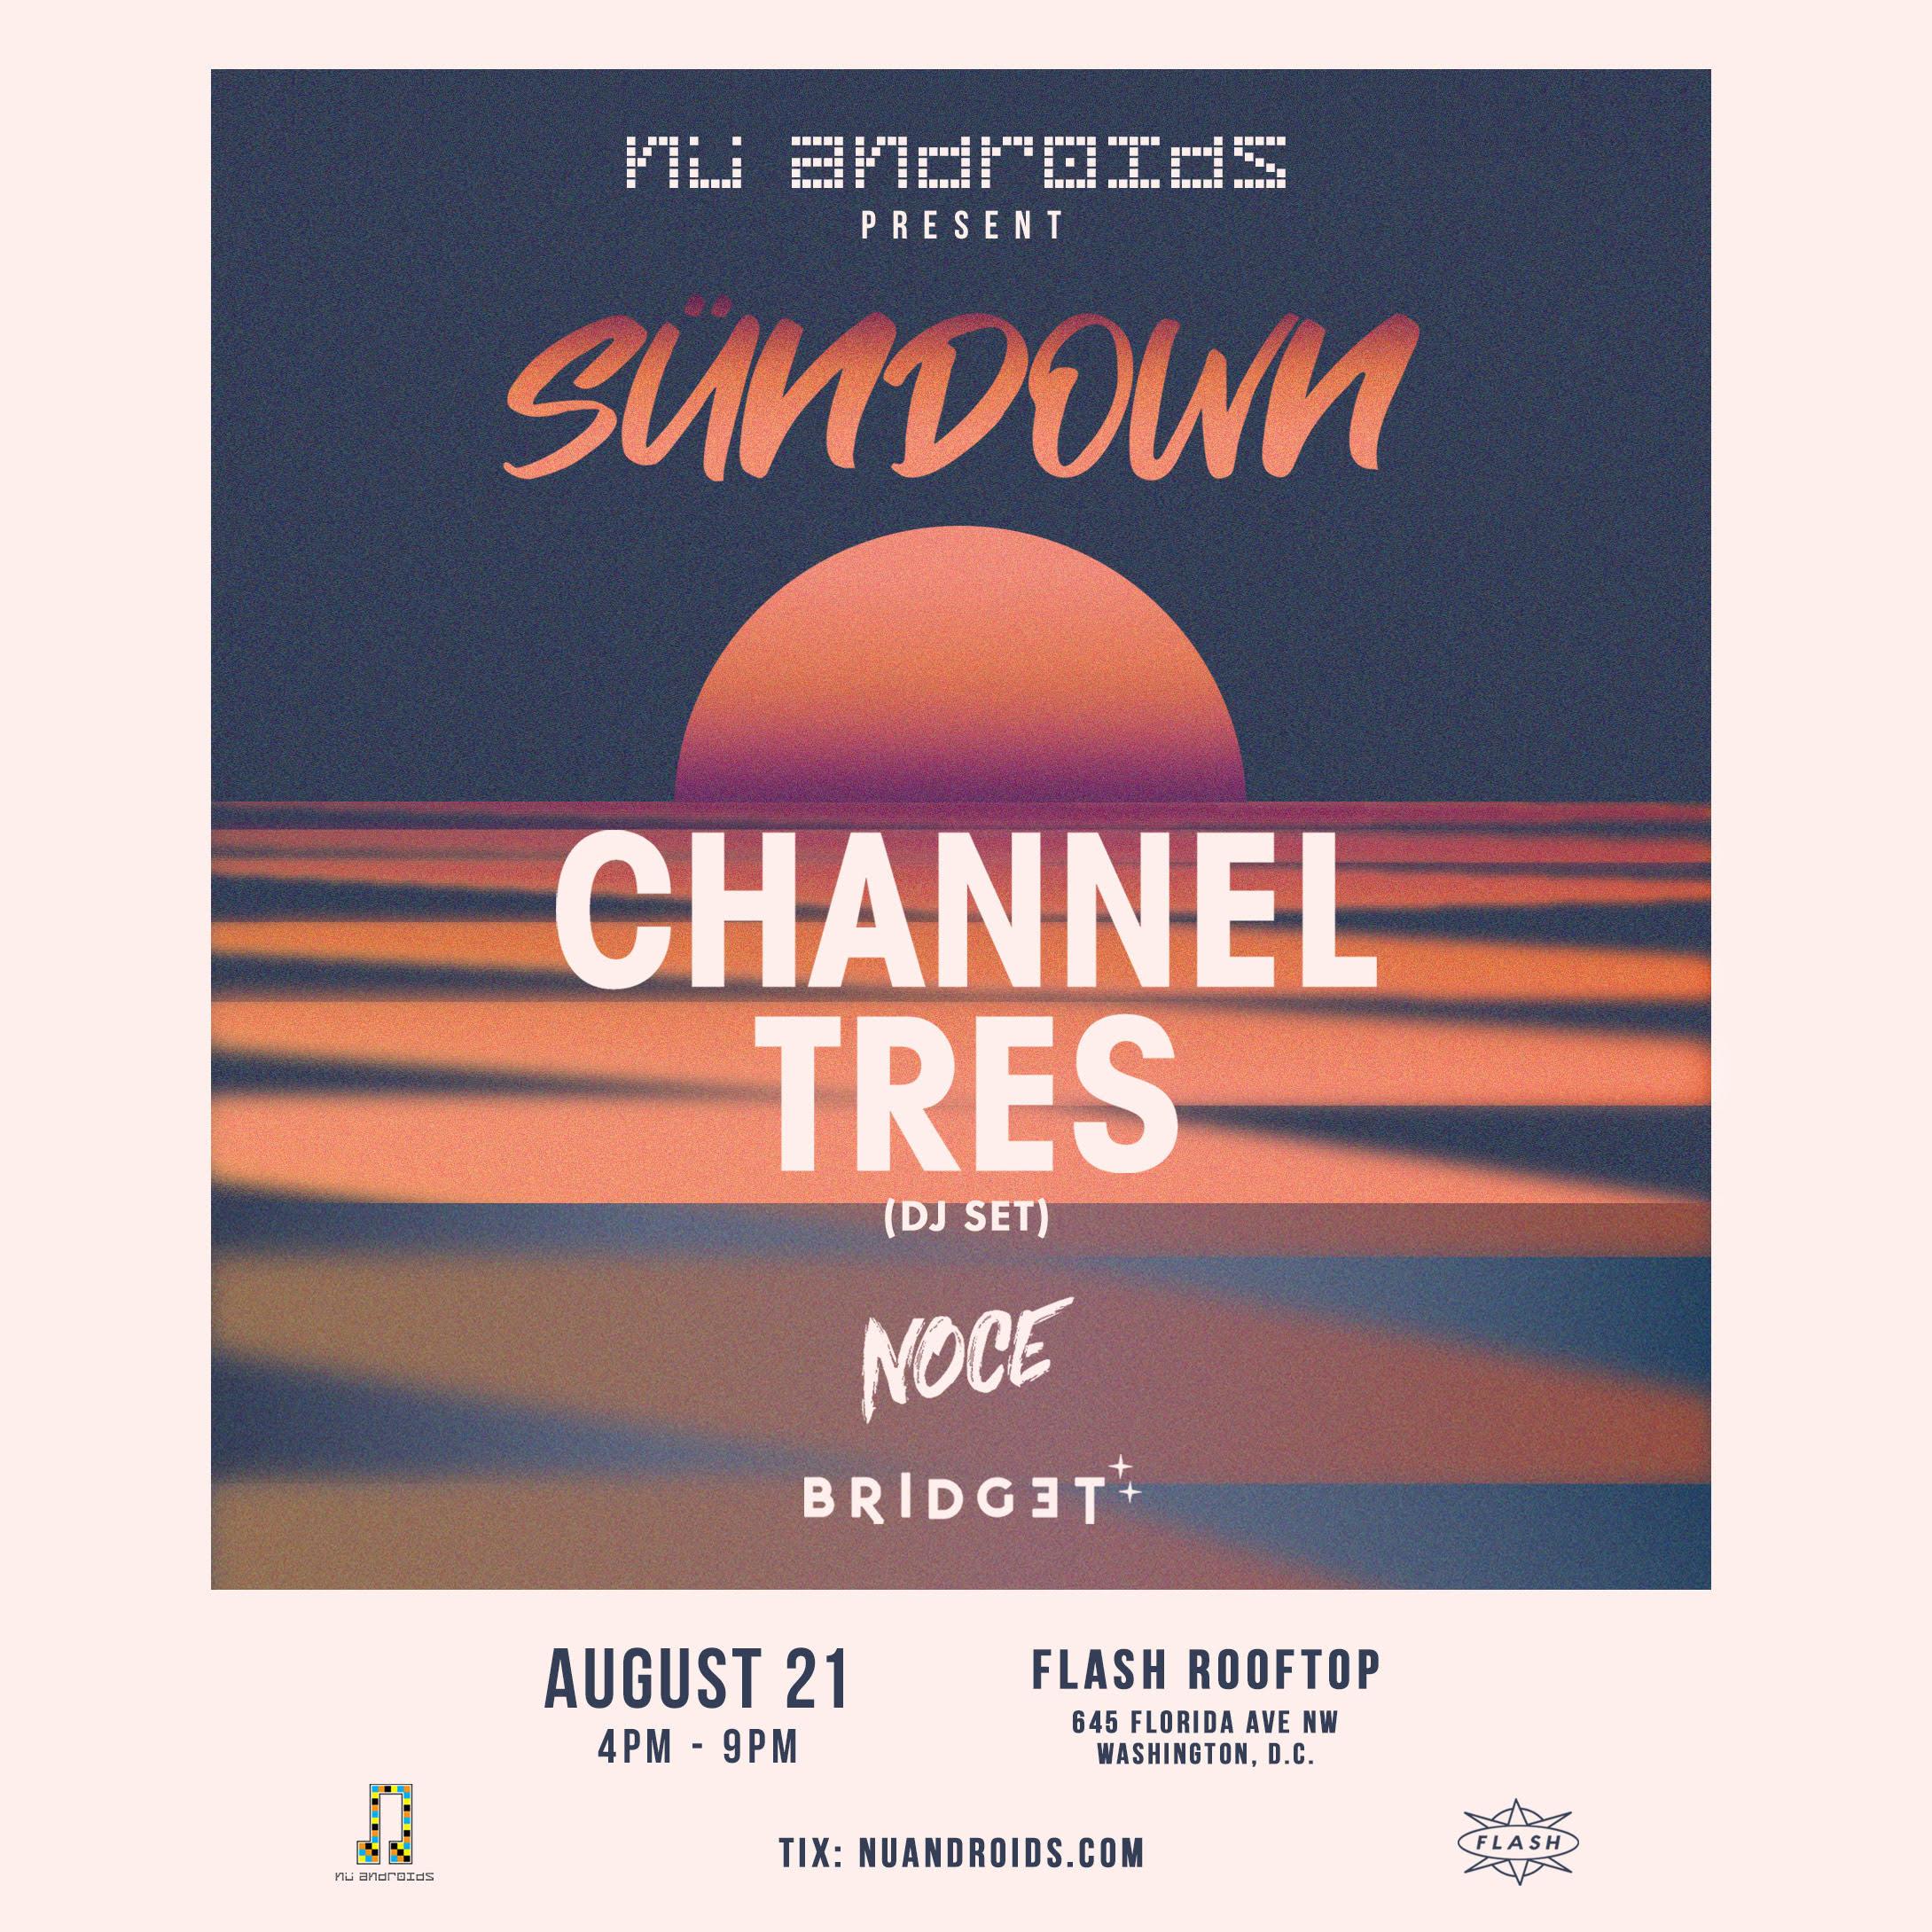 SünDown: Channel Tres event thumbnail